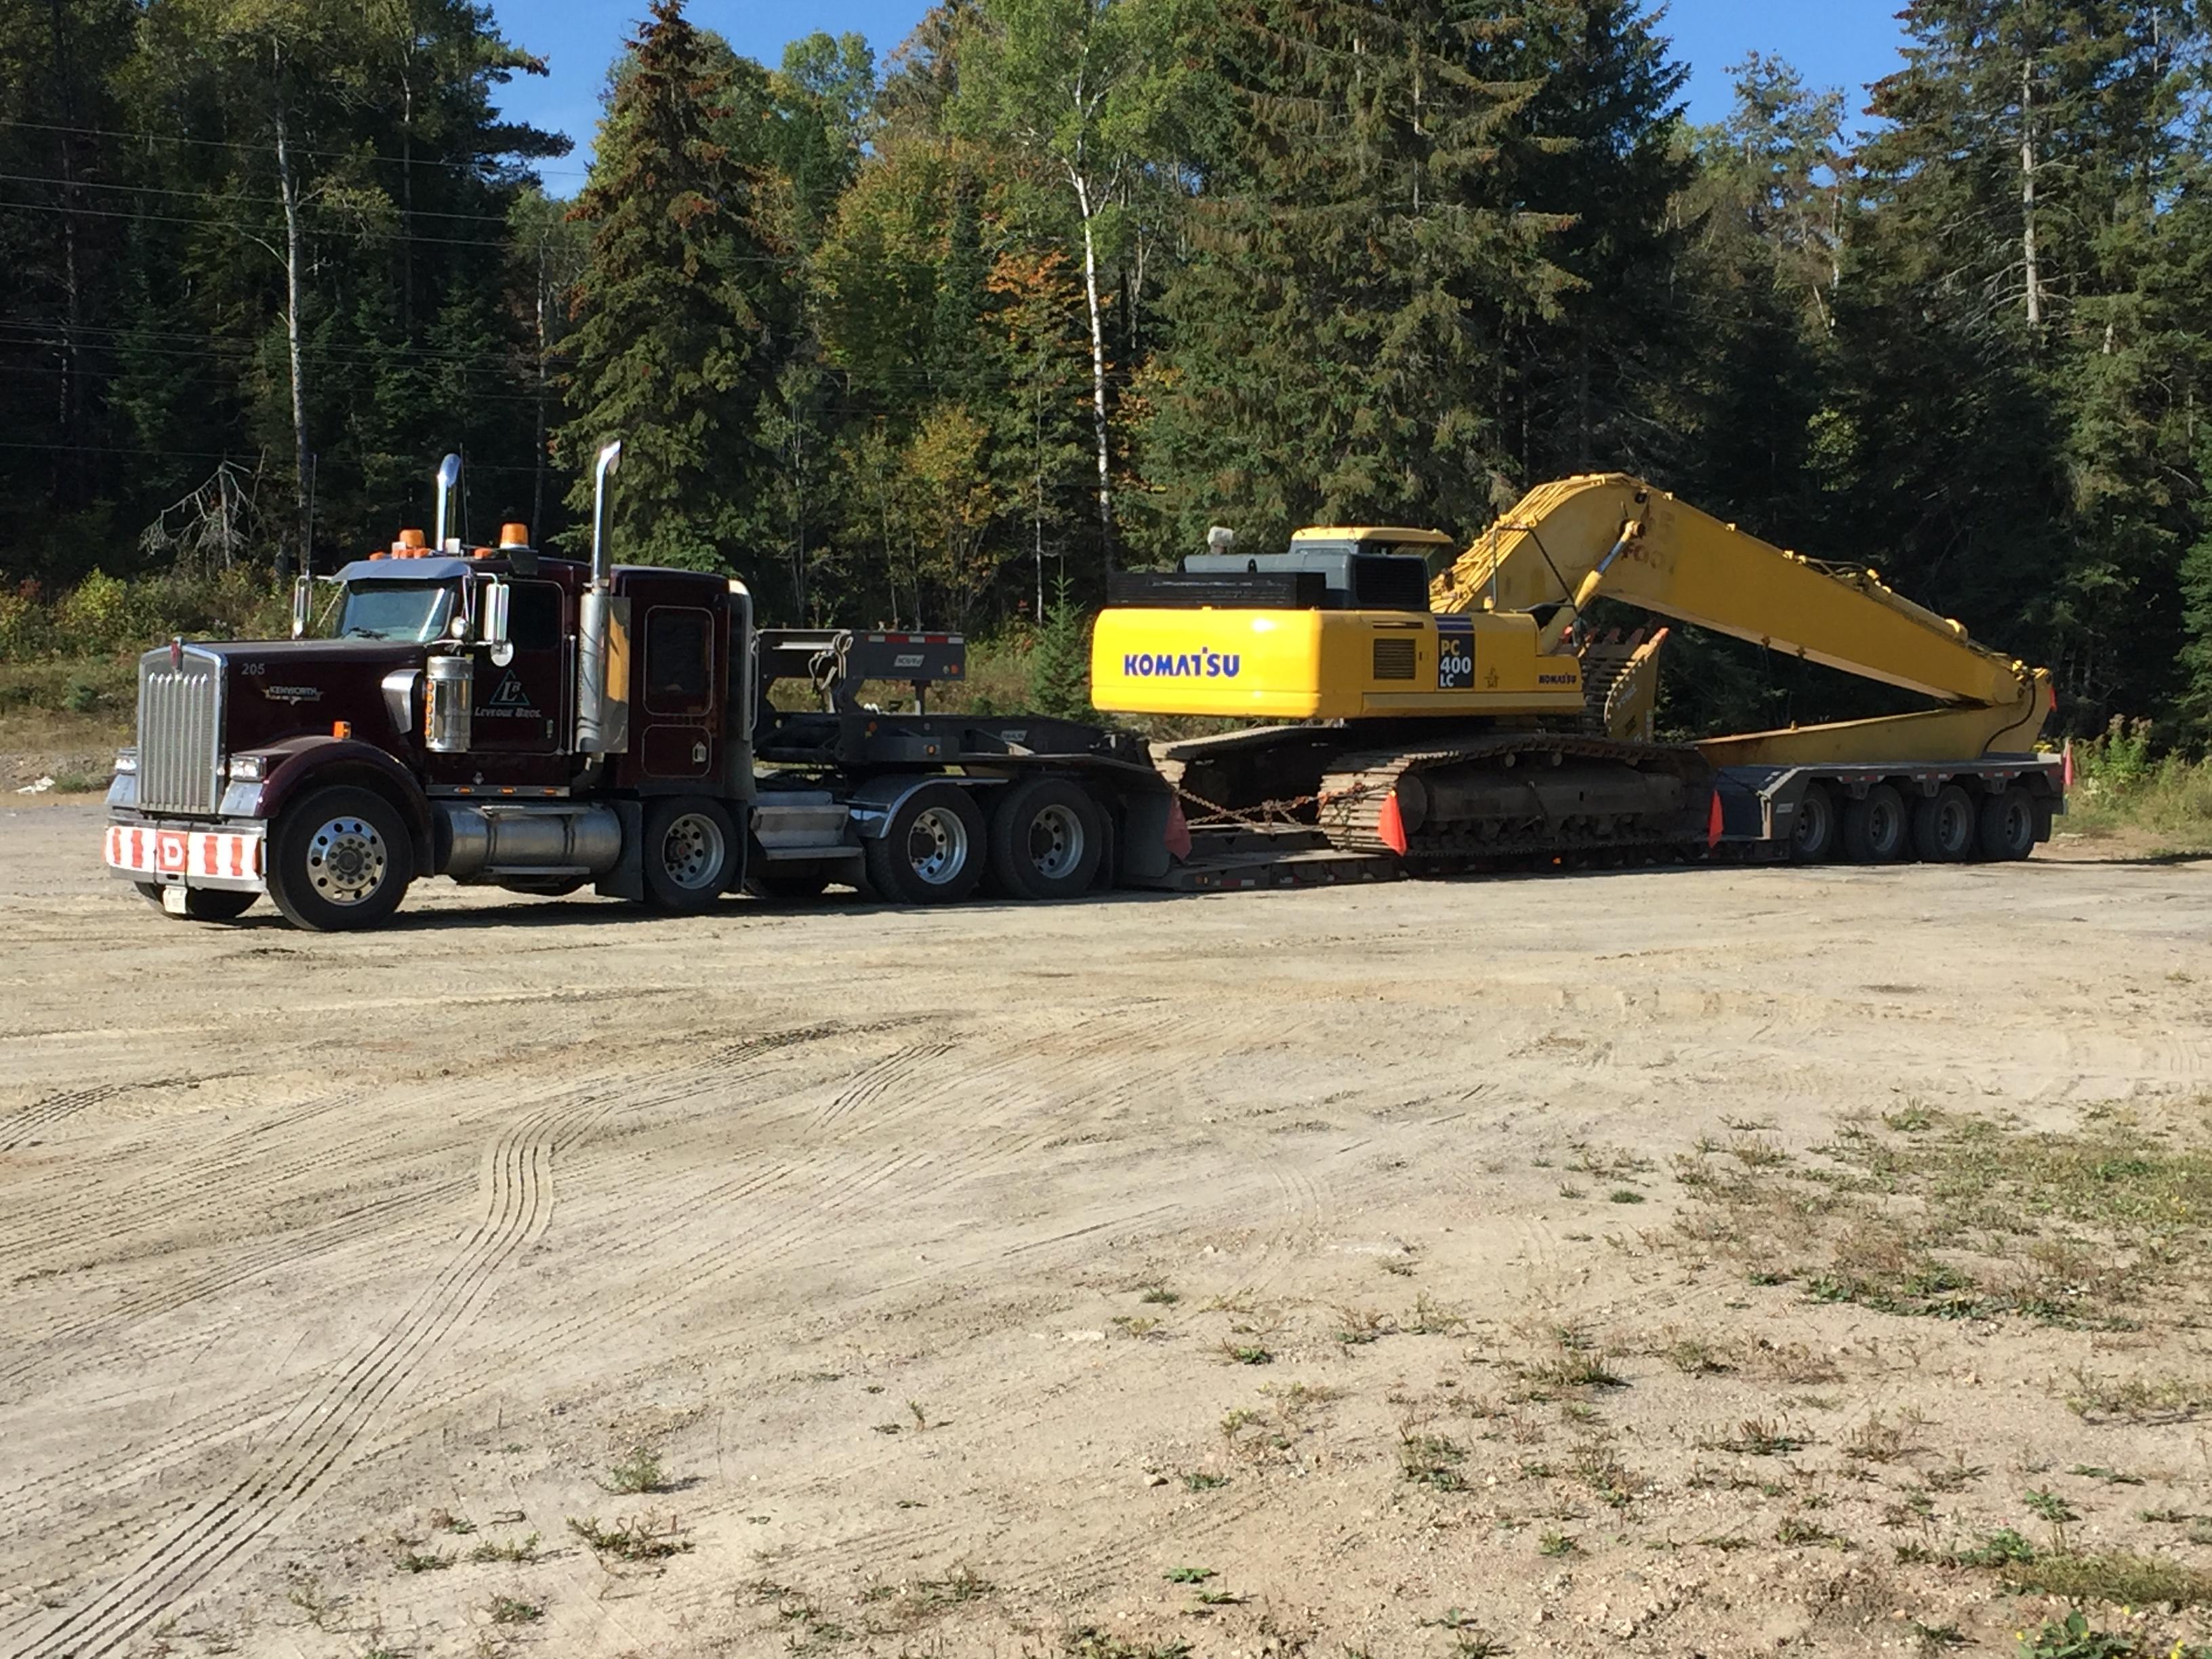 excavator rental delivered on semi truck flatbed